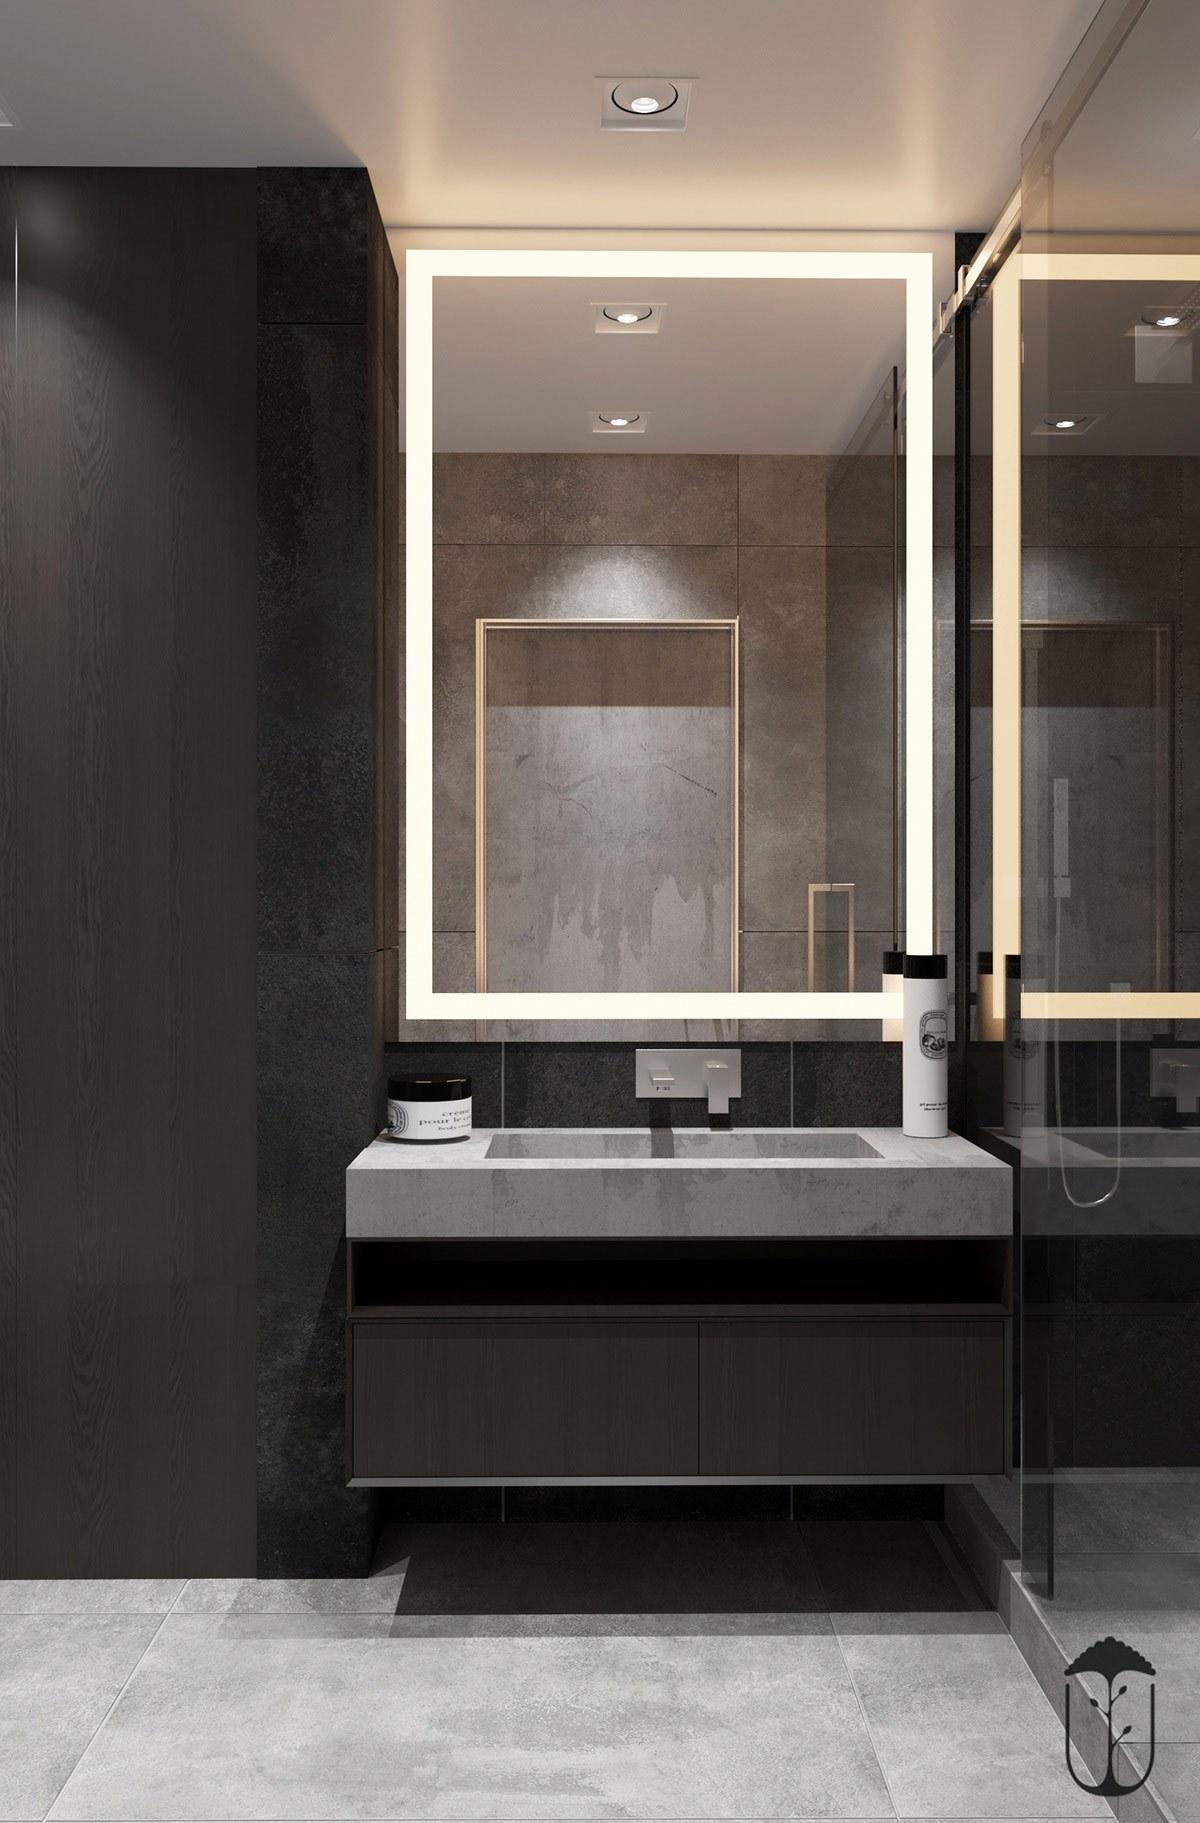 Nhà vệ sinh độc đáo nhưng đơn giản